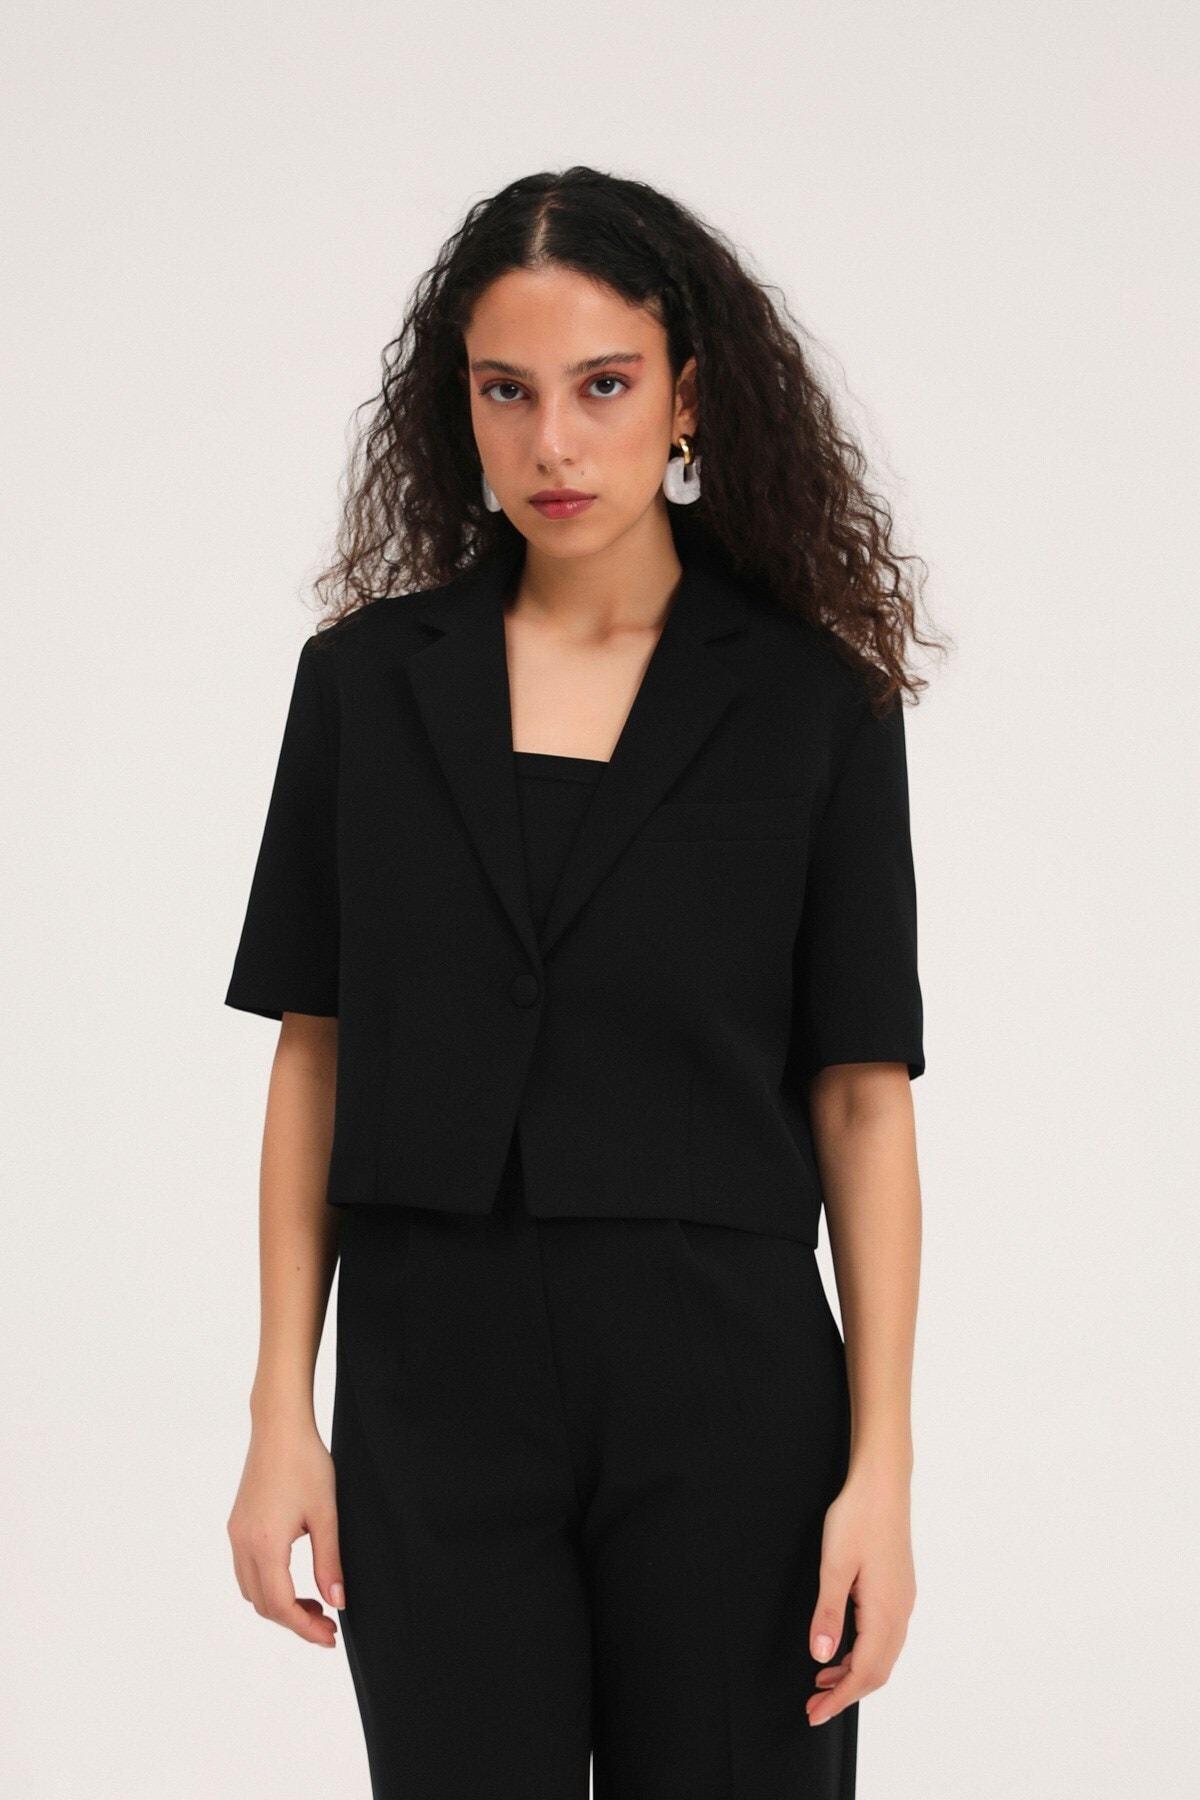 Kadın Kısa Kol Crop Blazer Ceket Siyah